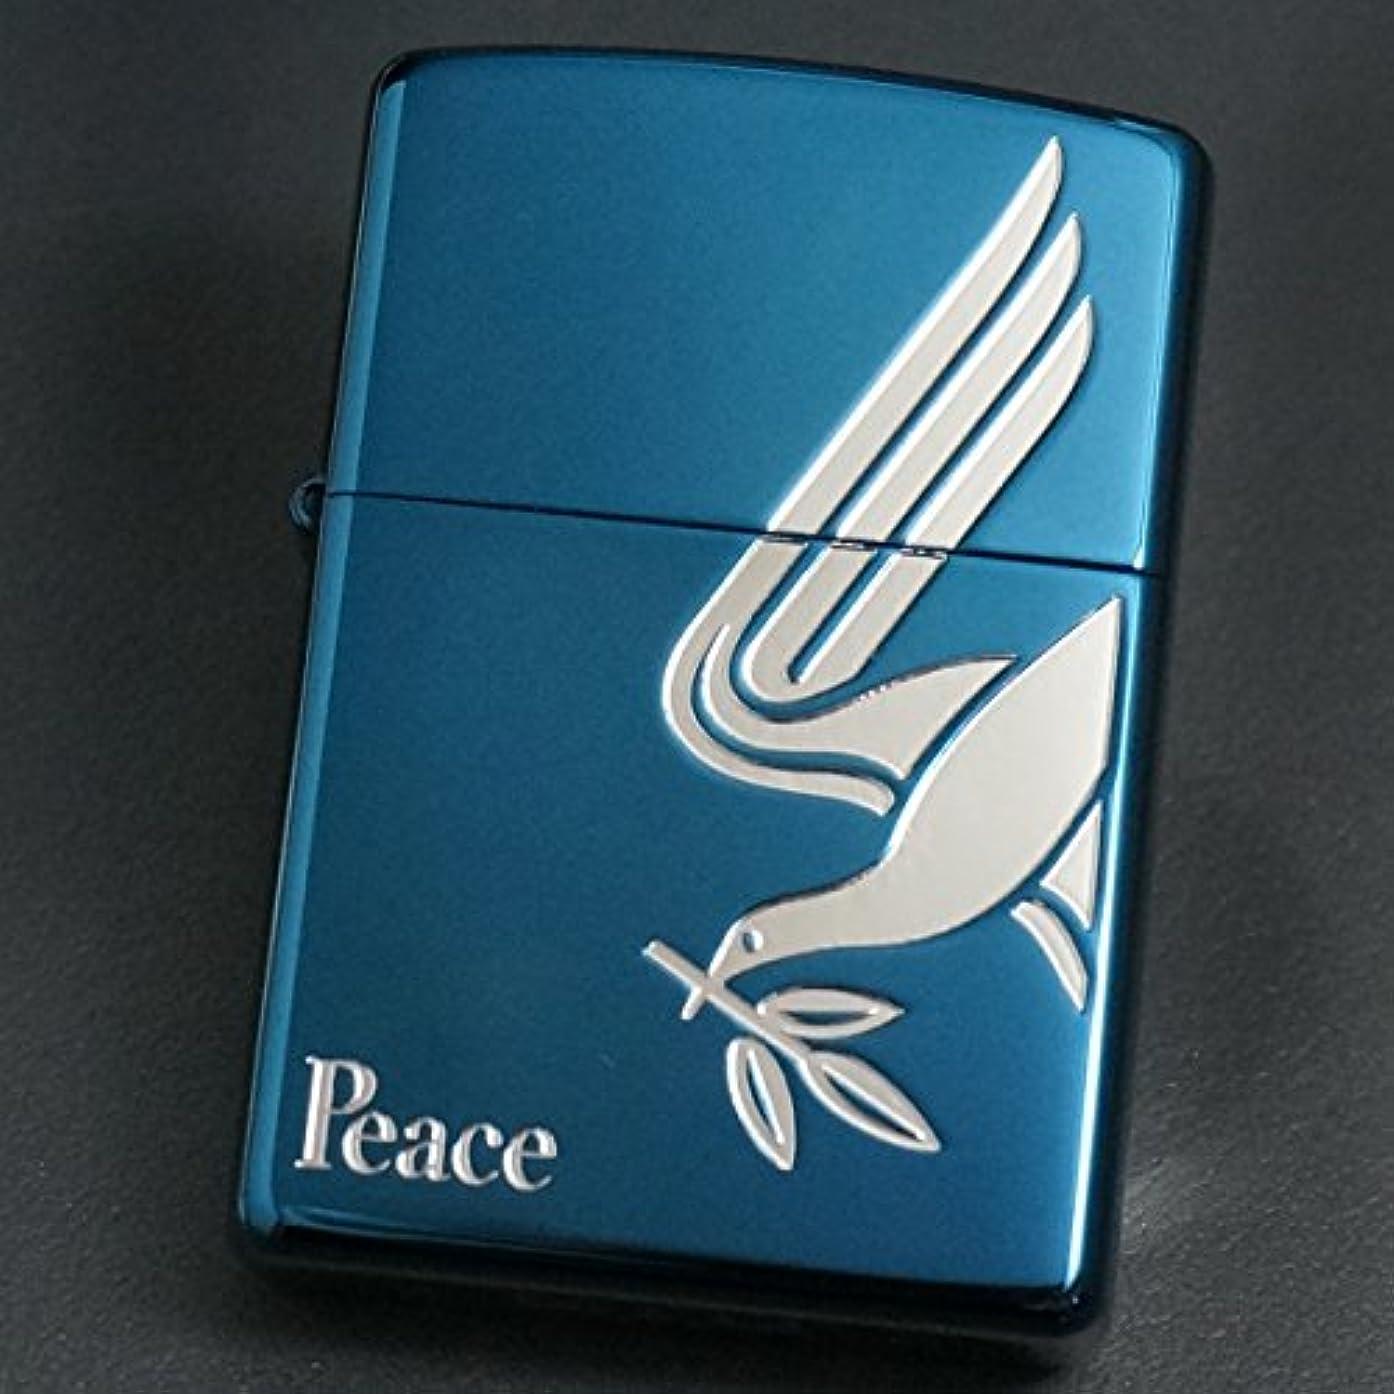 有効でもヘビーzippo(ジッポー) Peace 鳩とオリーブ 2007年製造